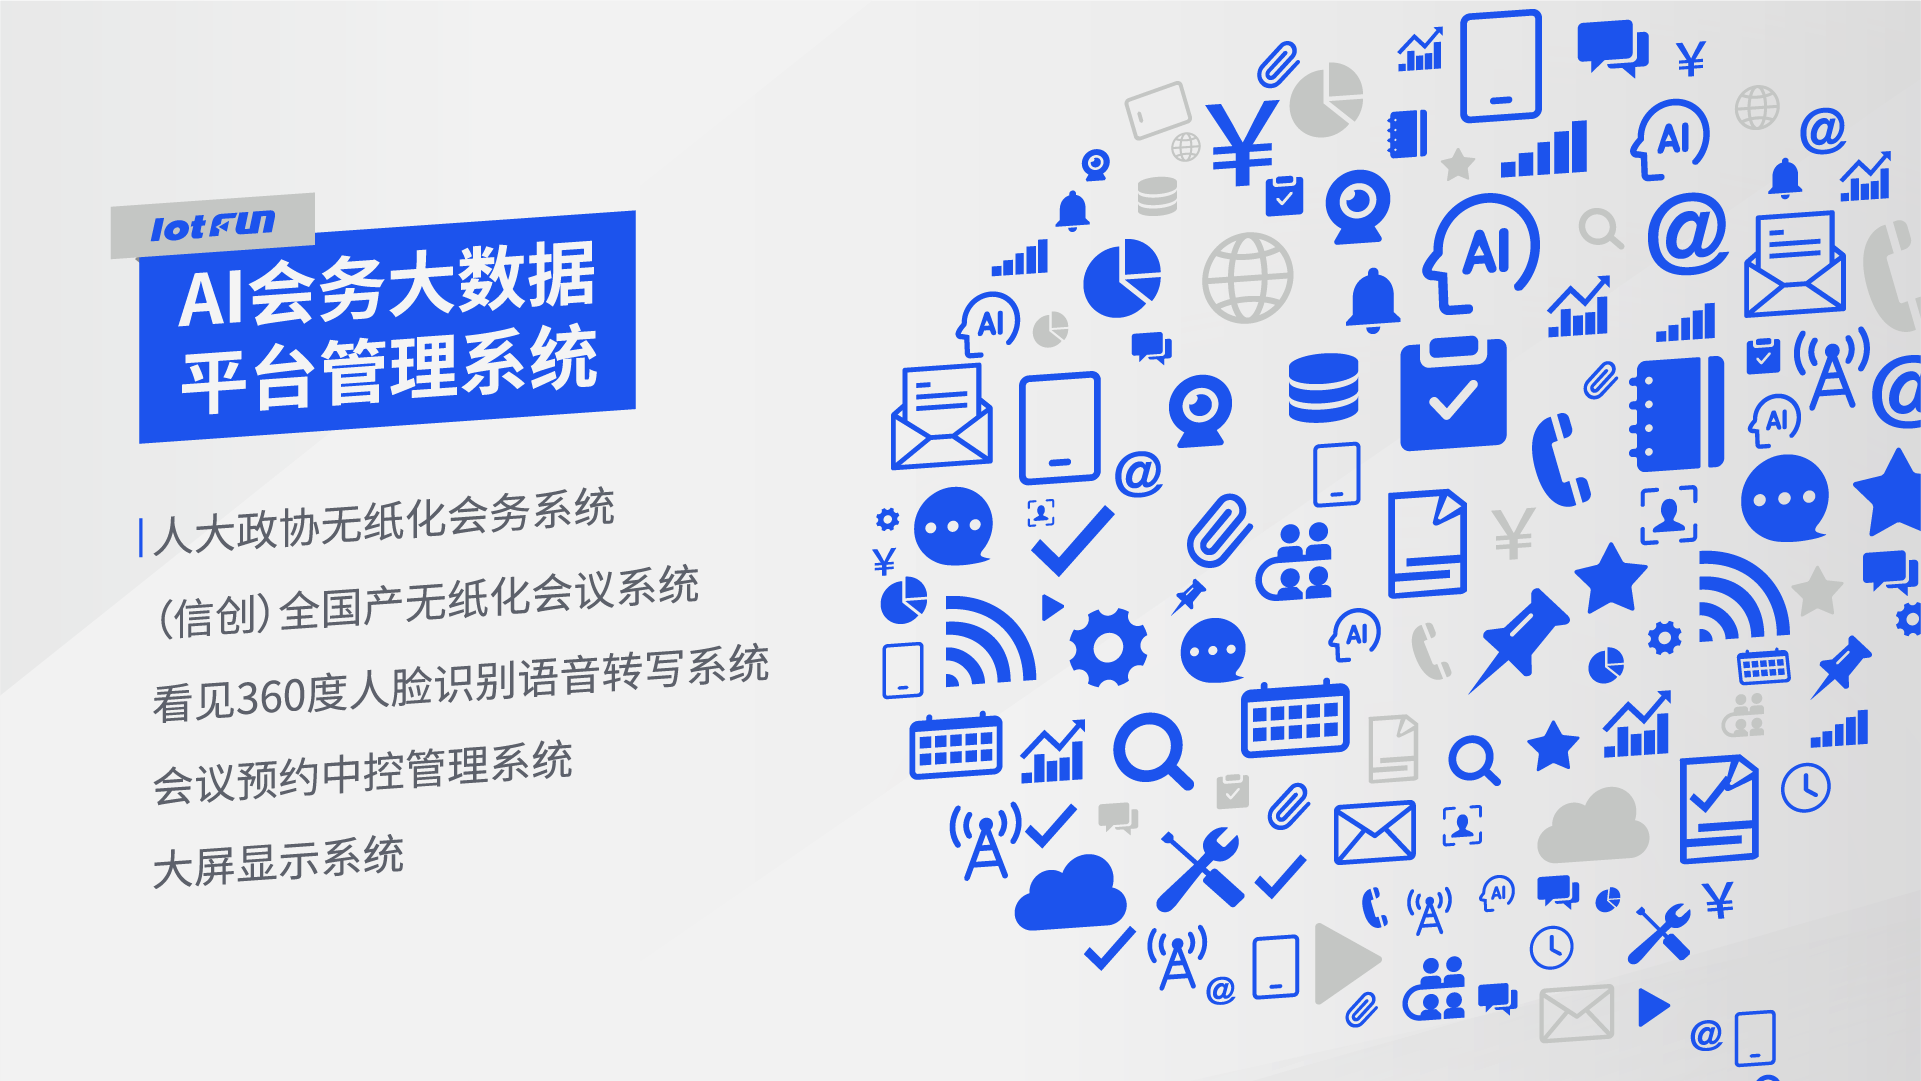 北京Infocomm2020展会圆满落幕,新产品新技术陆续亮相